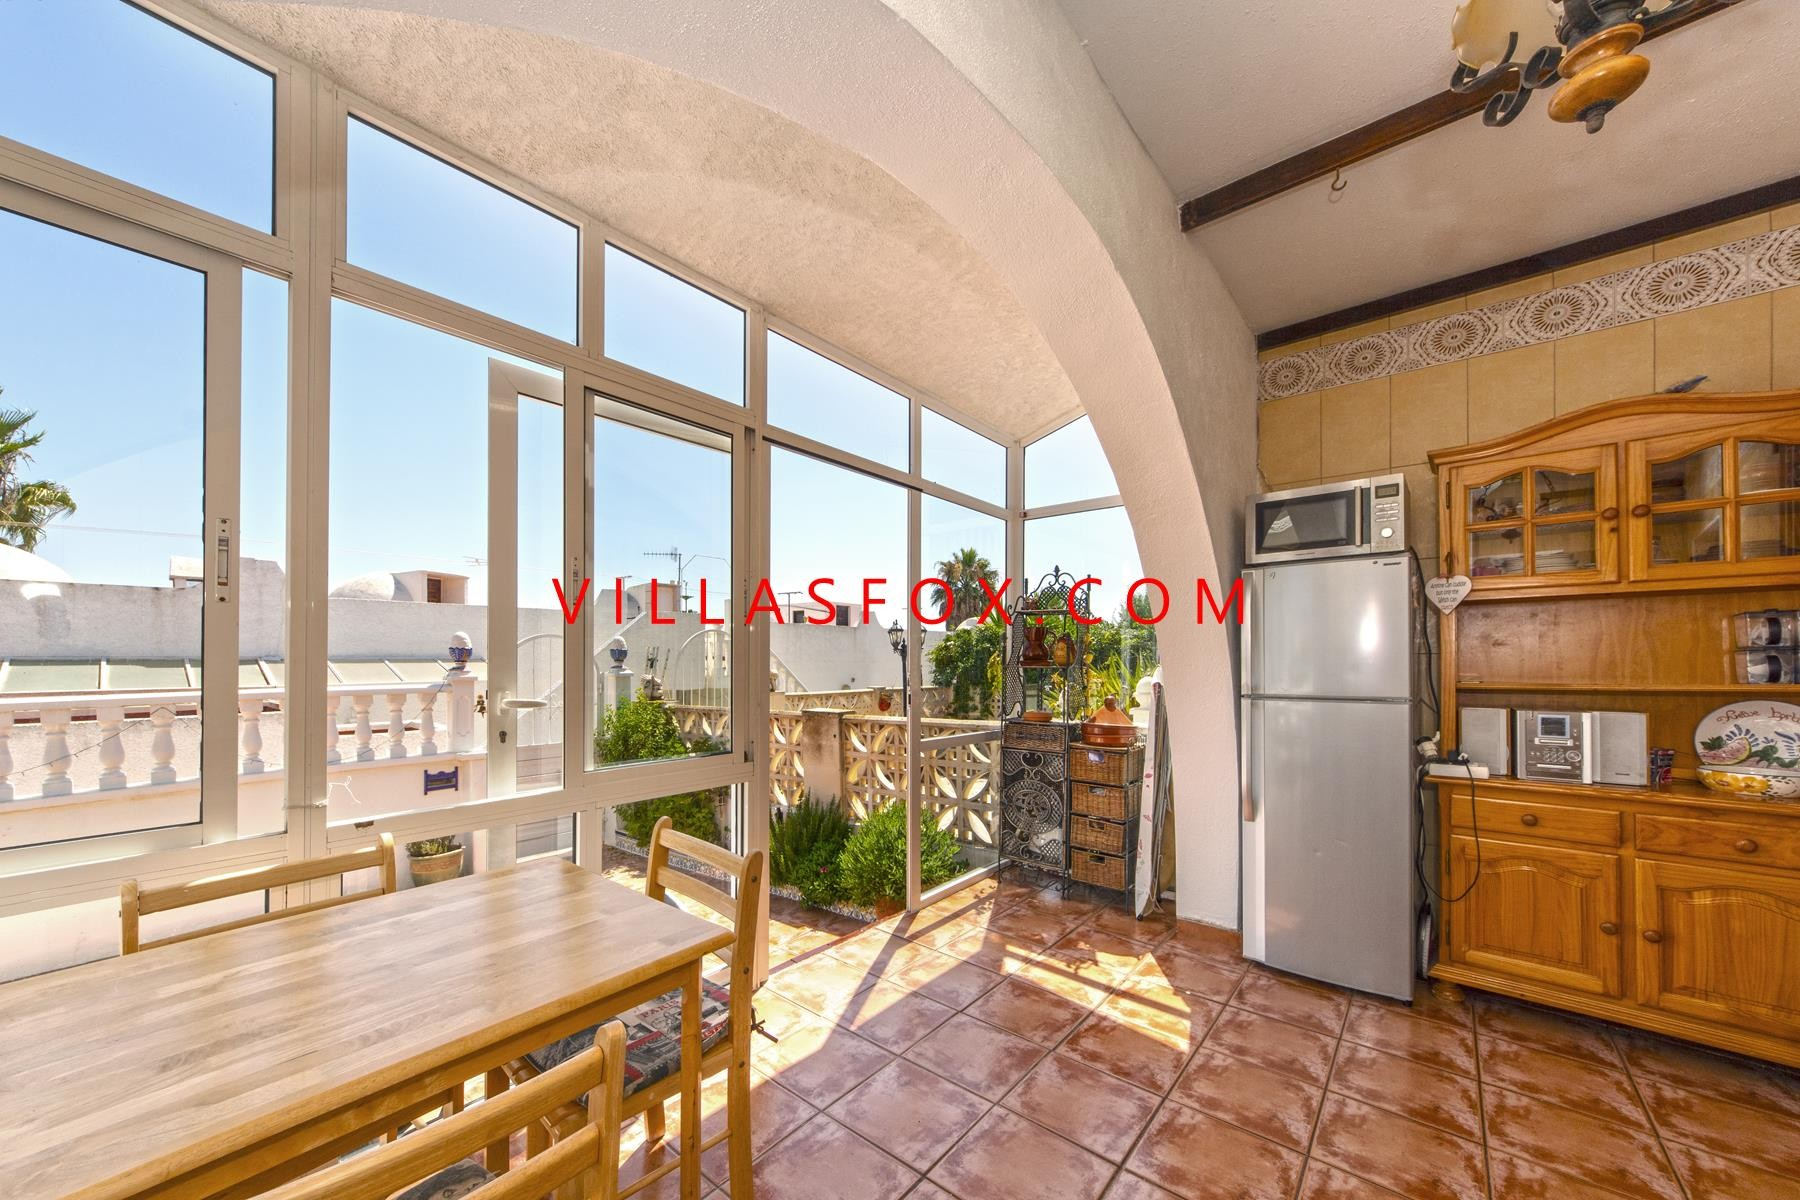 منزل بلو لاجون للبيع ، سان ميغيل دي ساليناس (حديقة ومقصورة تشمس اصطناعي وإطلالات رائعة!)